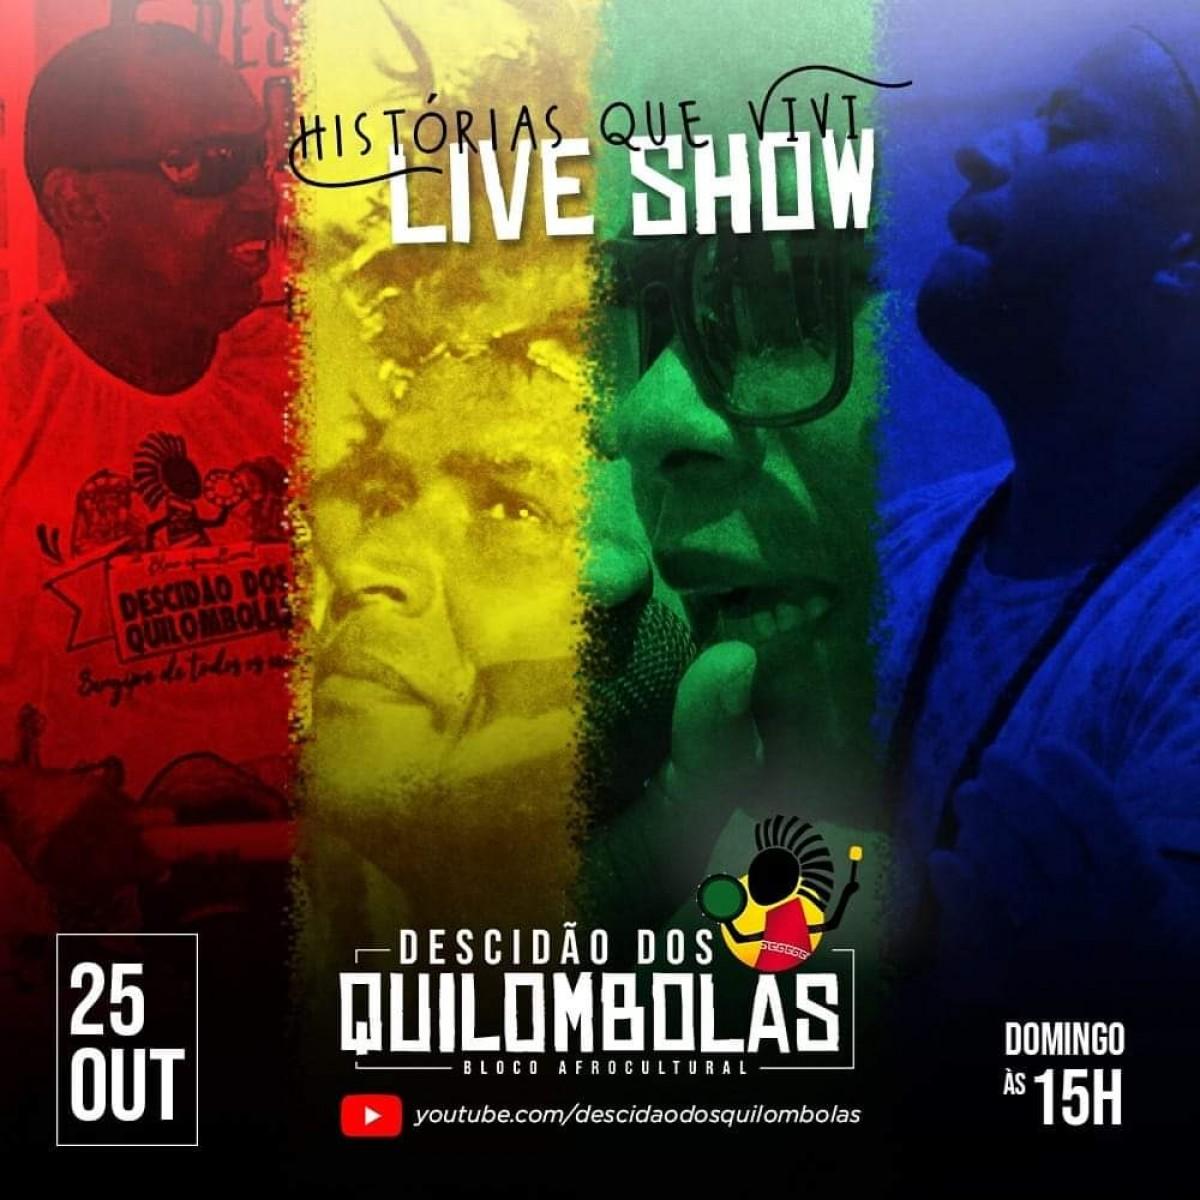 O Bloco Afrocultural Descidão apresenta live Histórias que Vivi (Imagem: Divulgação)